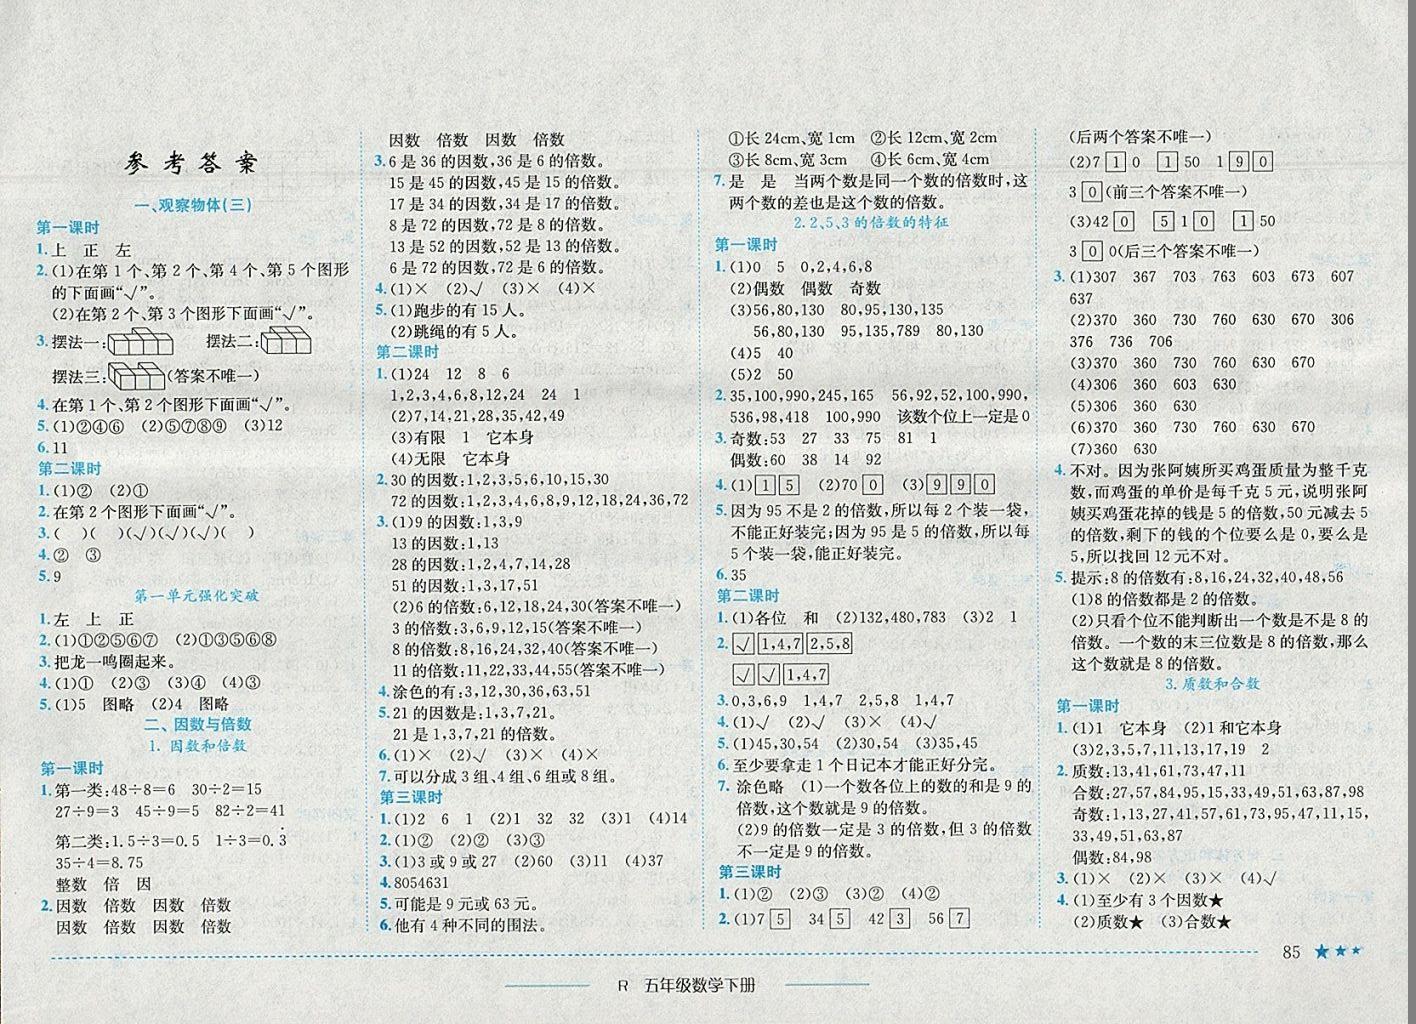 2018年黄冈小状元作业本五年级数学下册人教版参考答案第1页